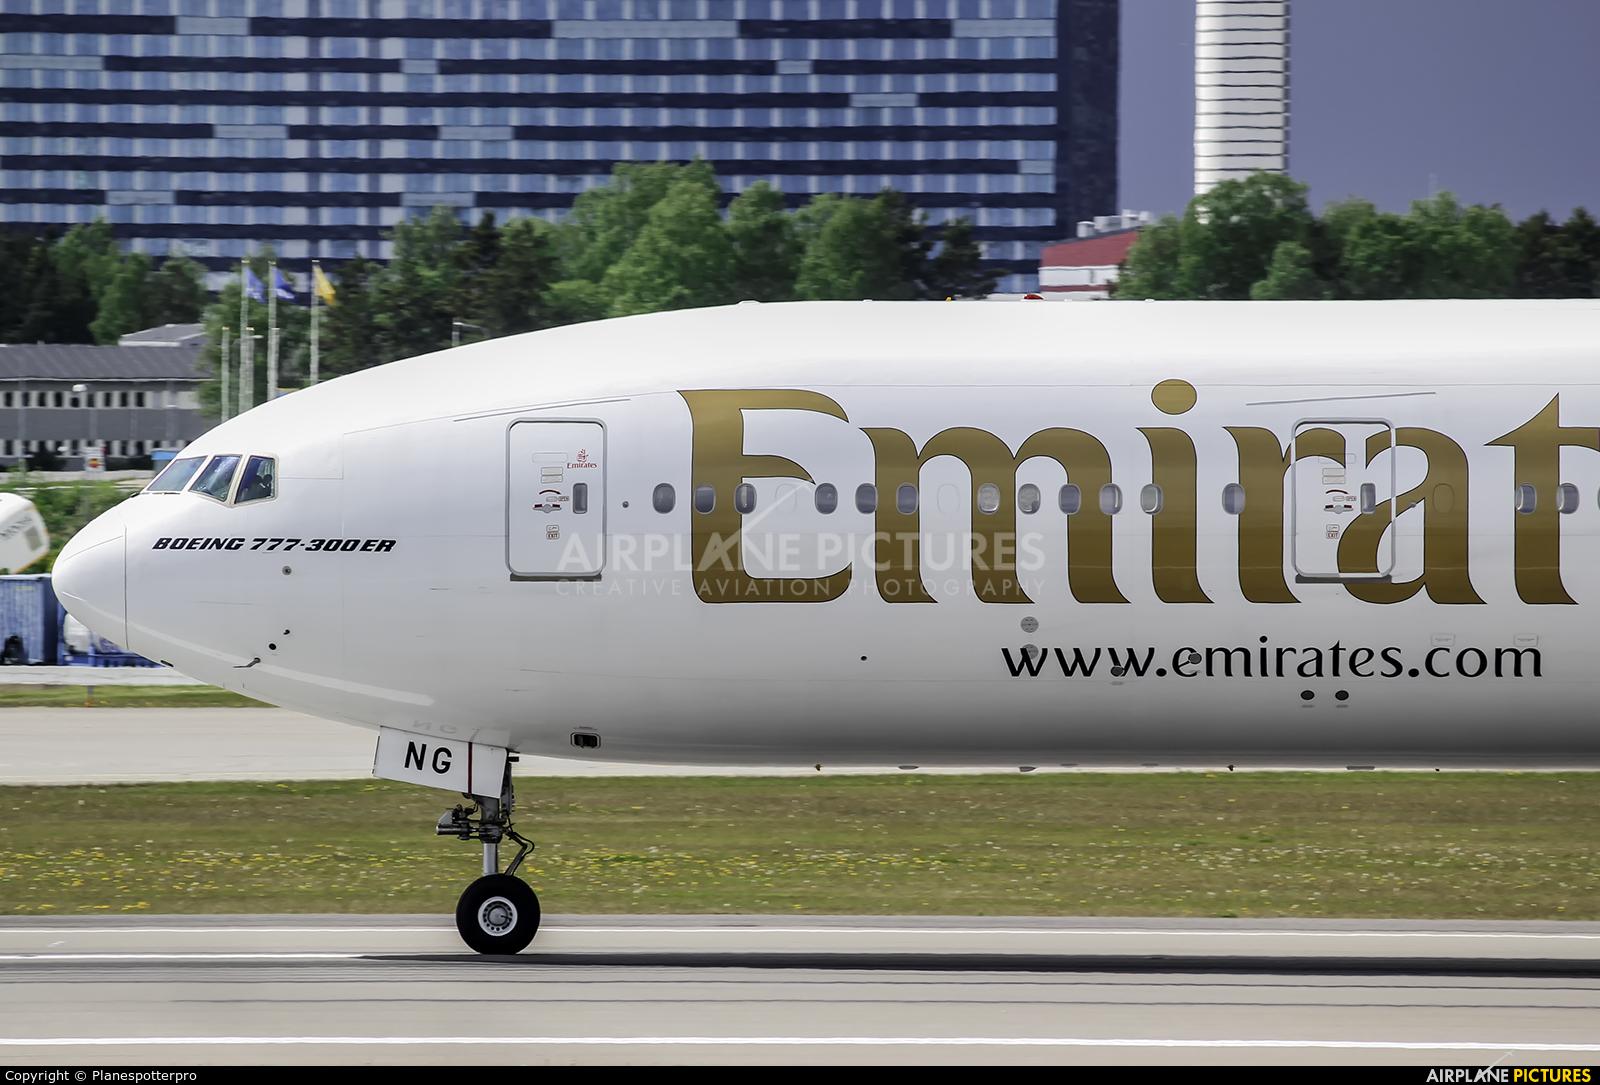 Emirates Airlines A6-ENG aircraft at Stockholm - Arlanda